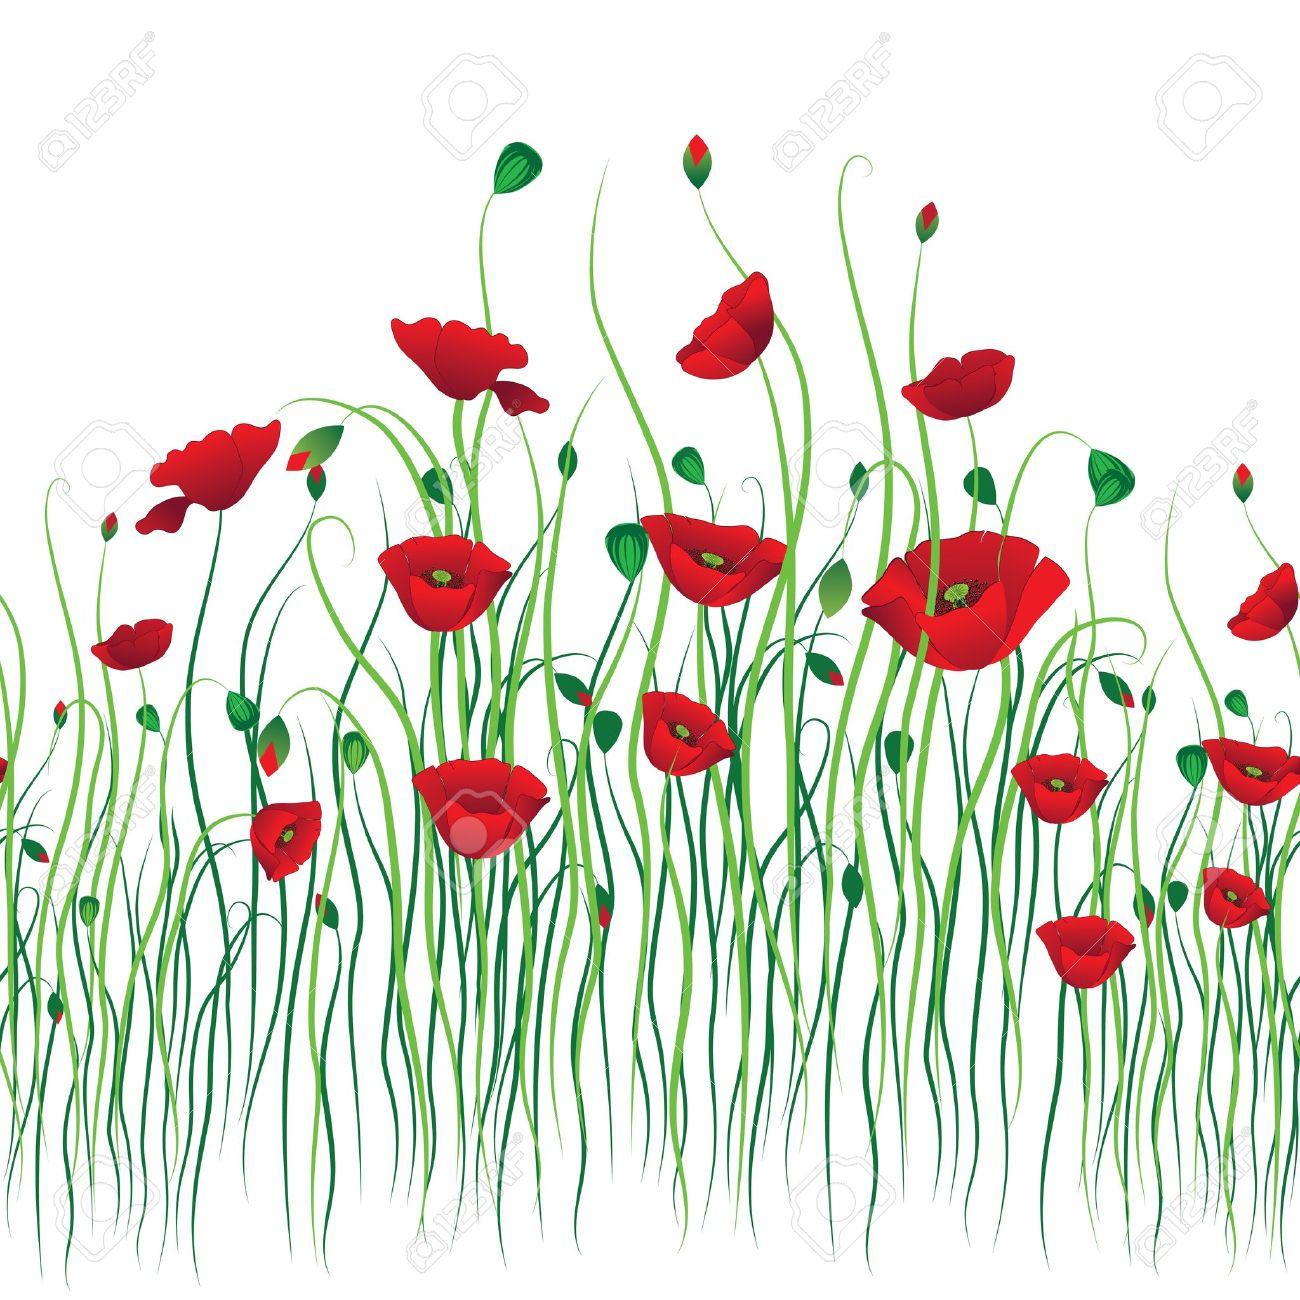 Poppy fond transparent. Vecteur fleur. Art motif de bordure. Floral design  vintage. Joli fond d\u0027écran mignon. Féminine en filigrane